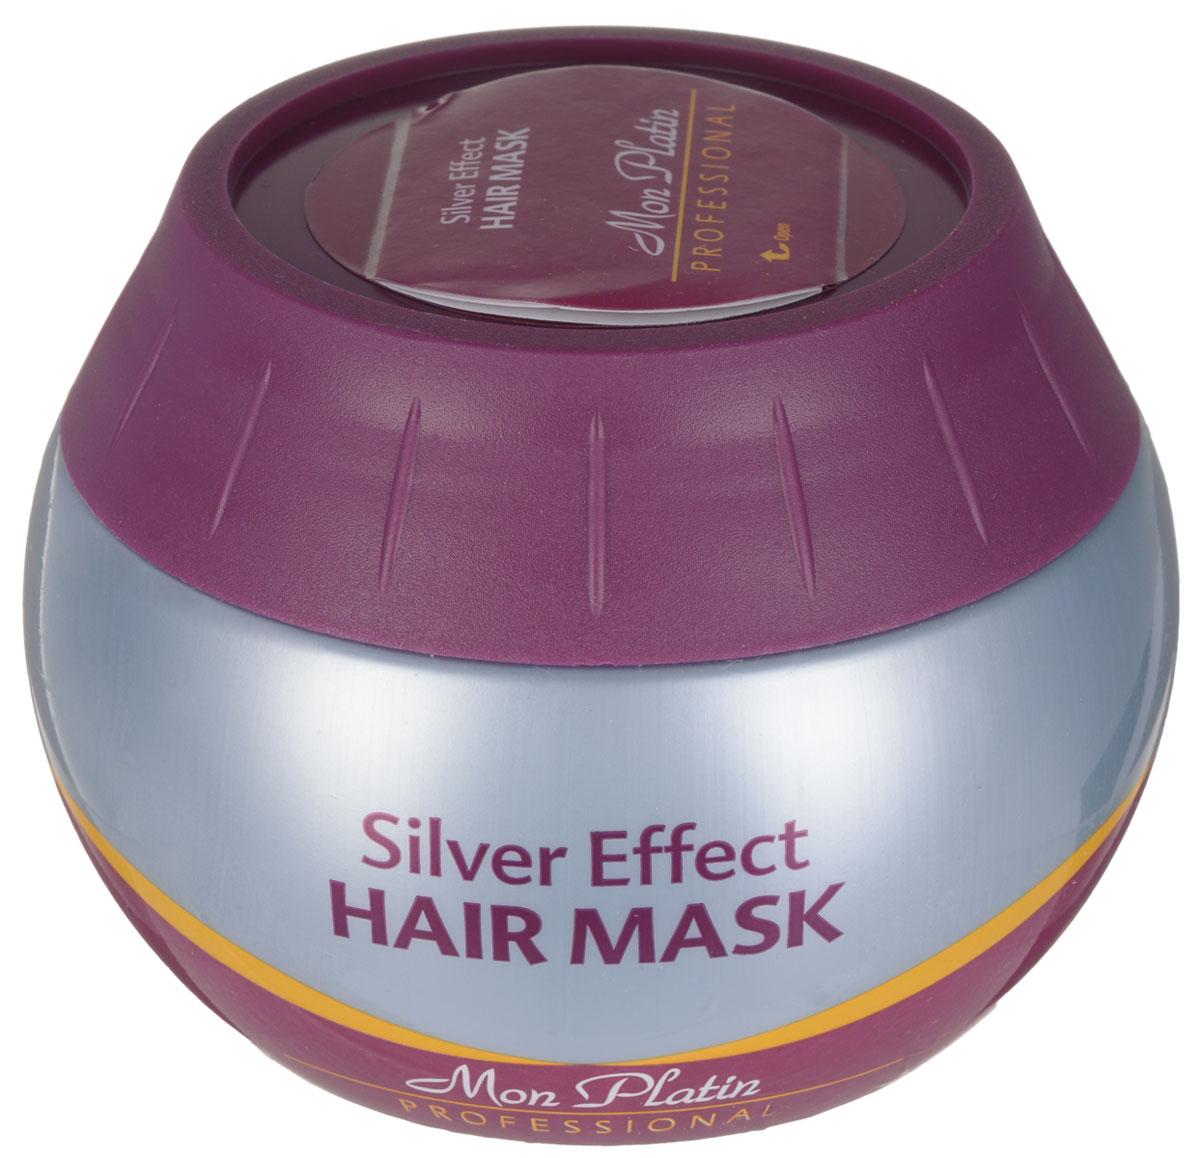 """Mon Platin Professional Маска для волос «Silver» 300млMP587Маска для устранения желтоватого оттенка с волос цвета """"блонд"""" и/или с мелированных/тонированных волос/. Подходит также для приглушения седины. Придает волосам мягкость, эластичность, блеск и здоровый вид. Маска содержит увлажняющий комплекс, прополис, оливковое масло и мед."""